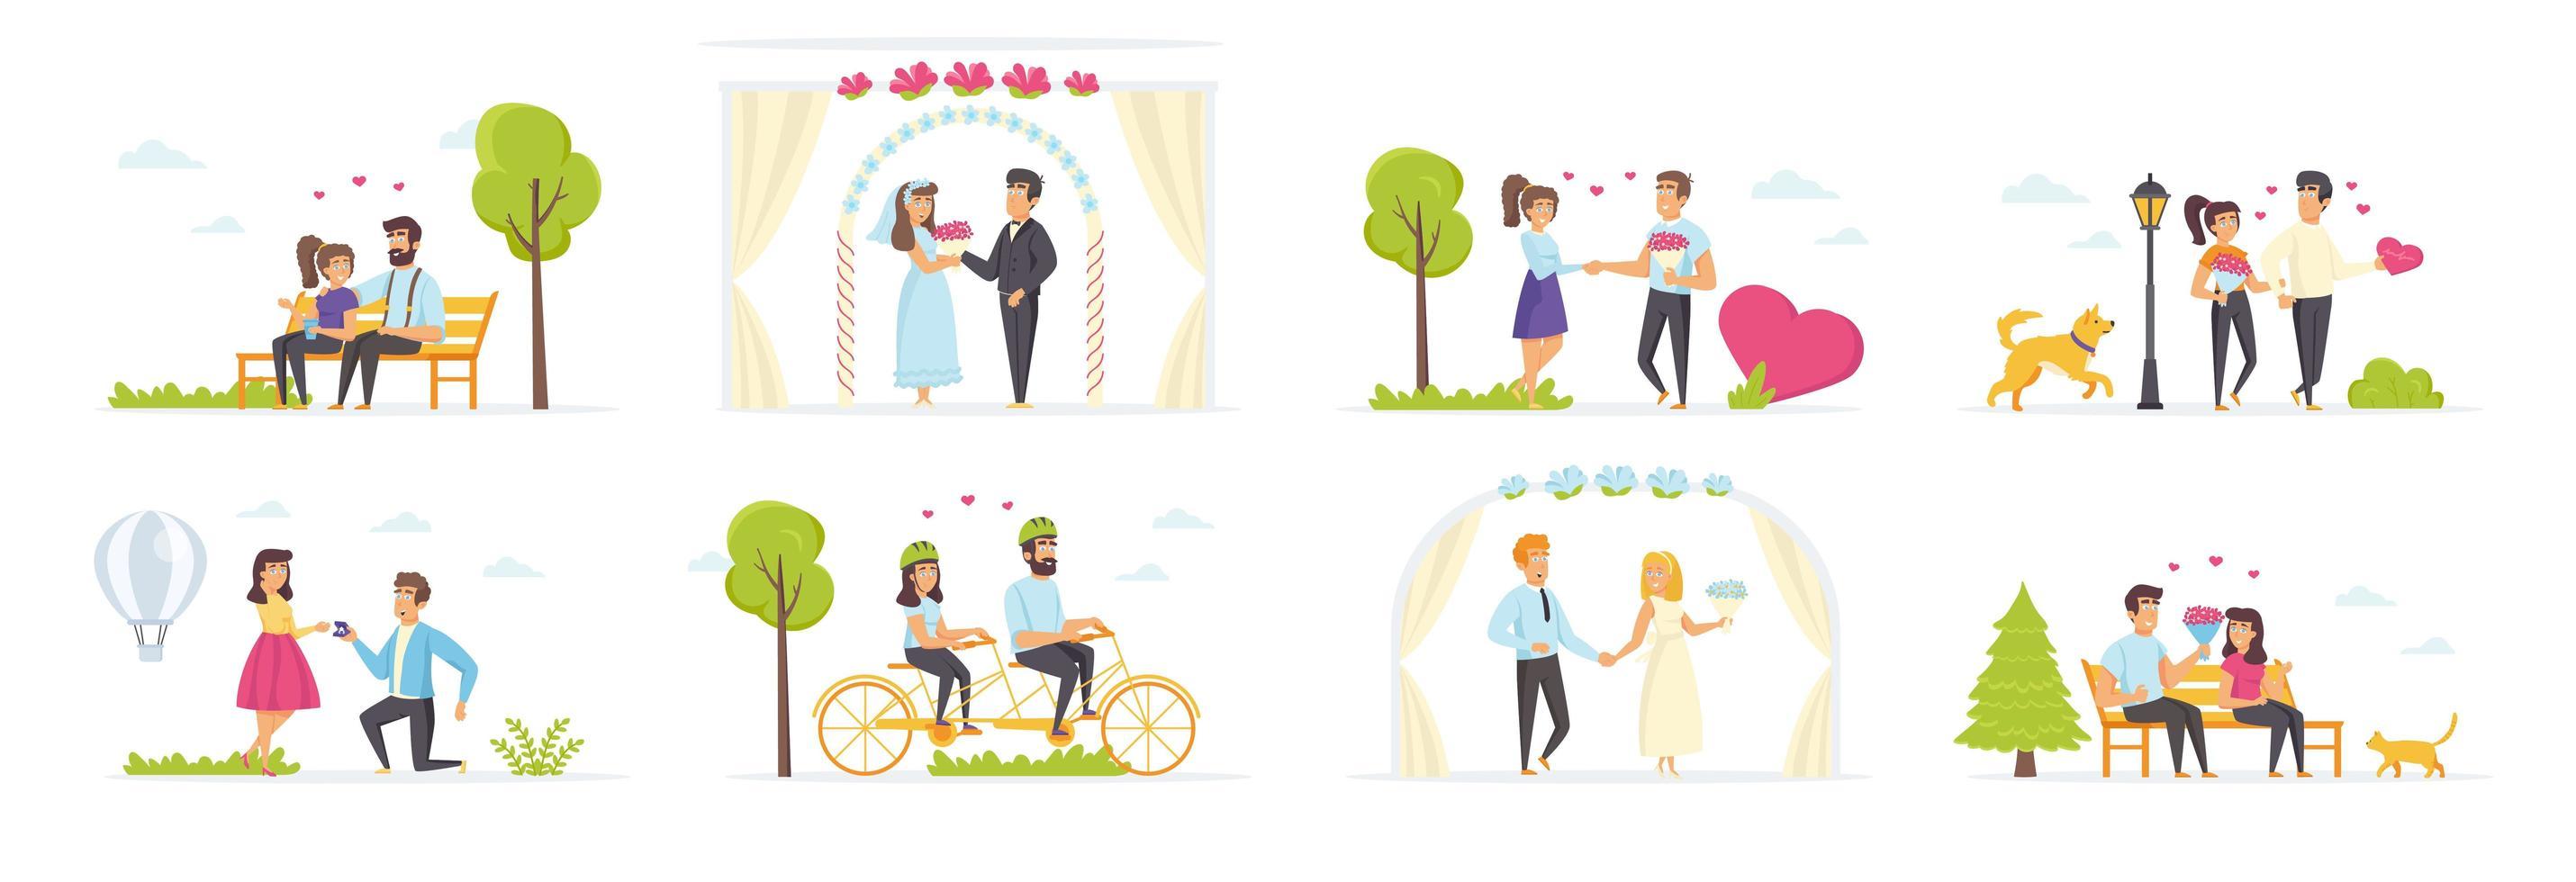 pareja enamorada con personajes de personas vector